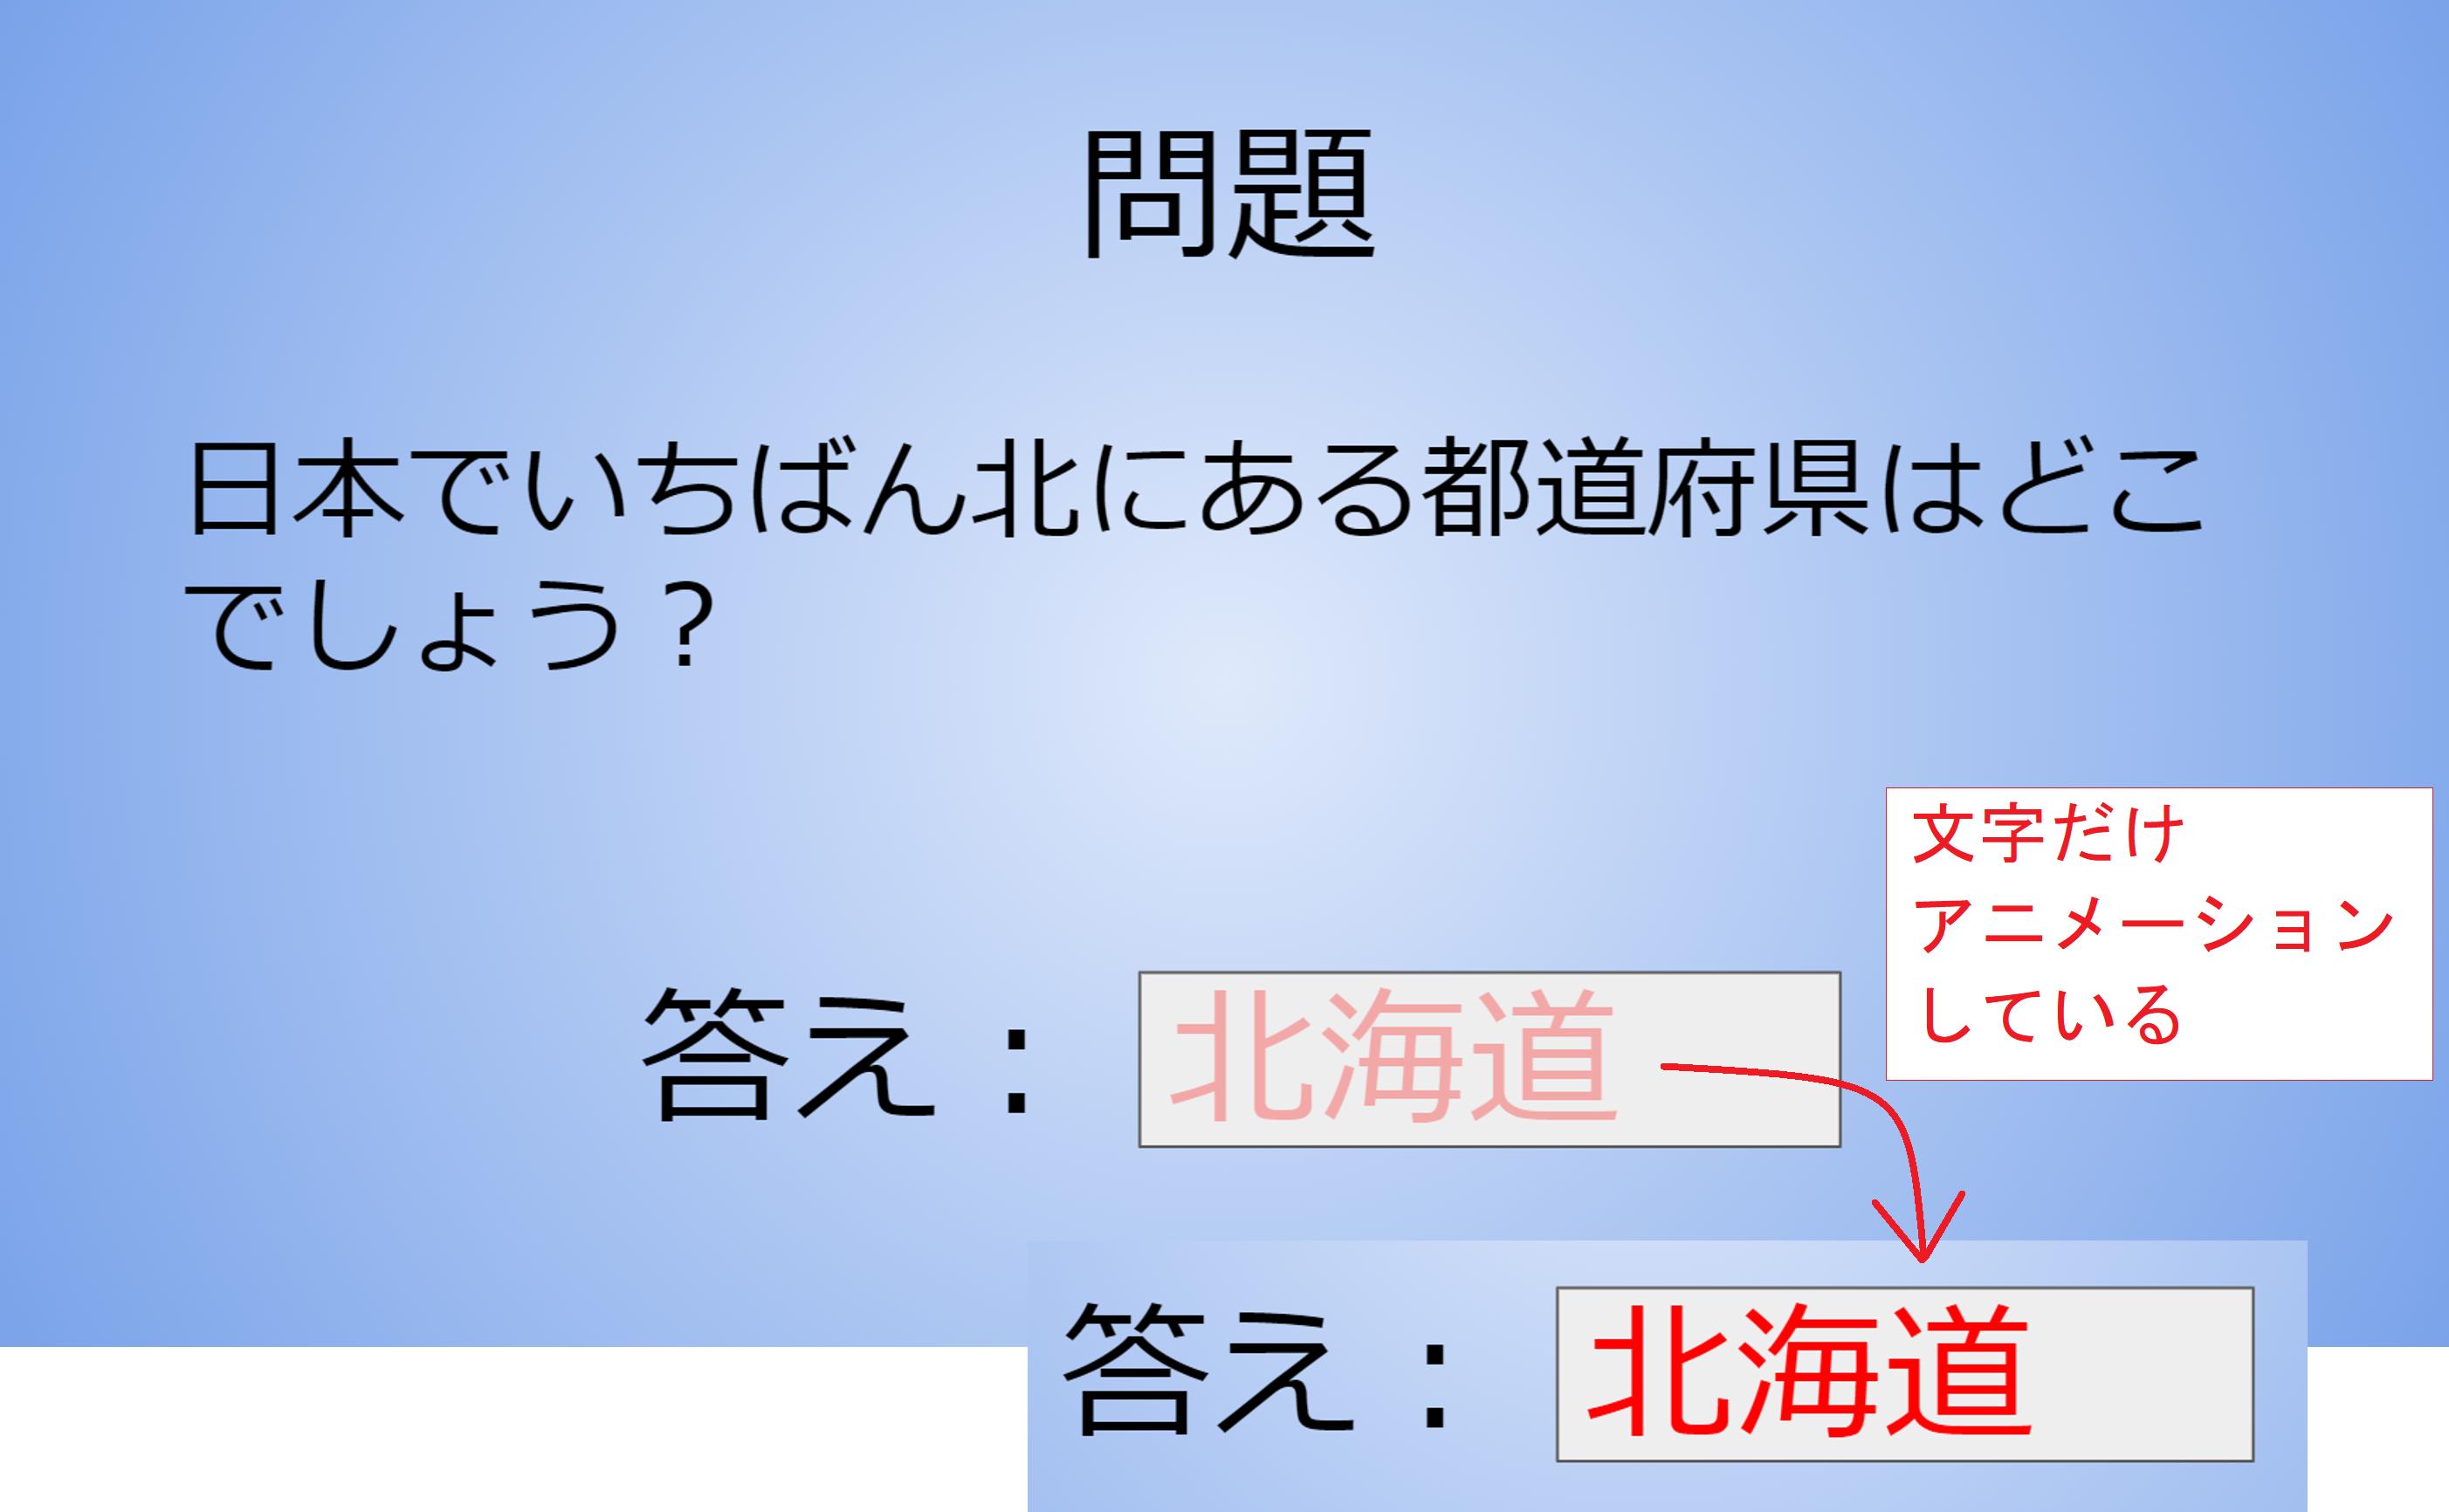 f:id:accs2014:20210714100018p:plain:right:w550